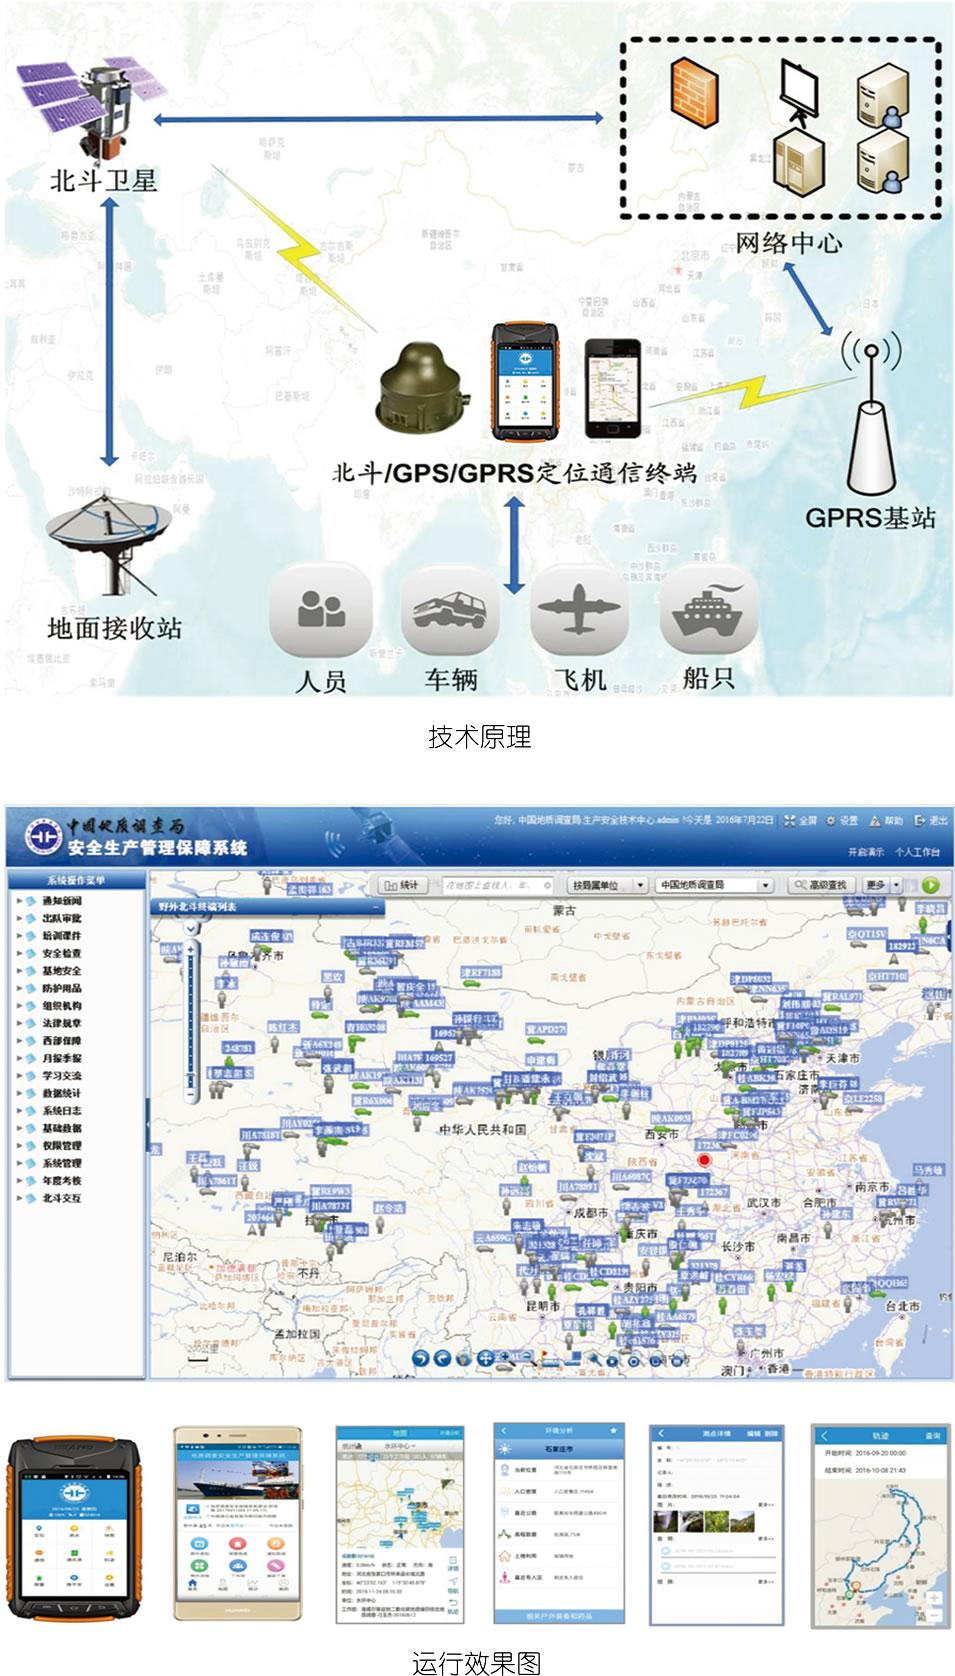 地质调查安全生产管理保障系统